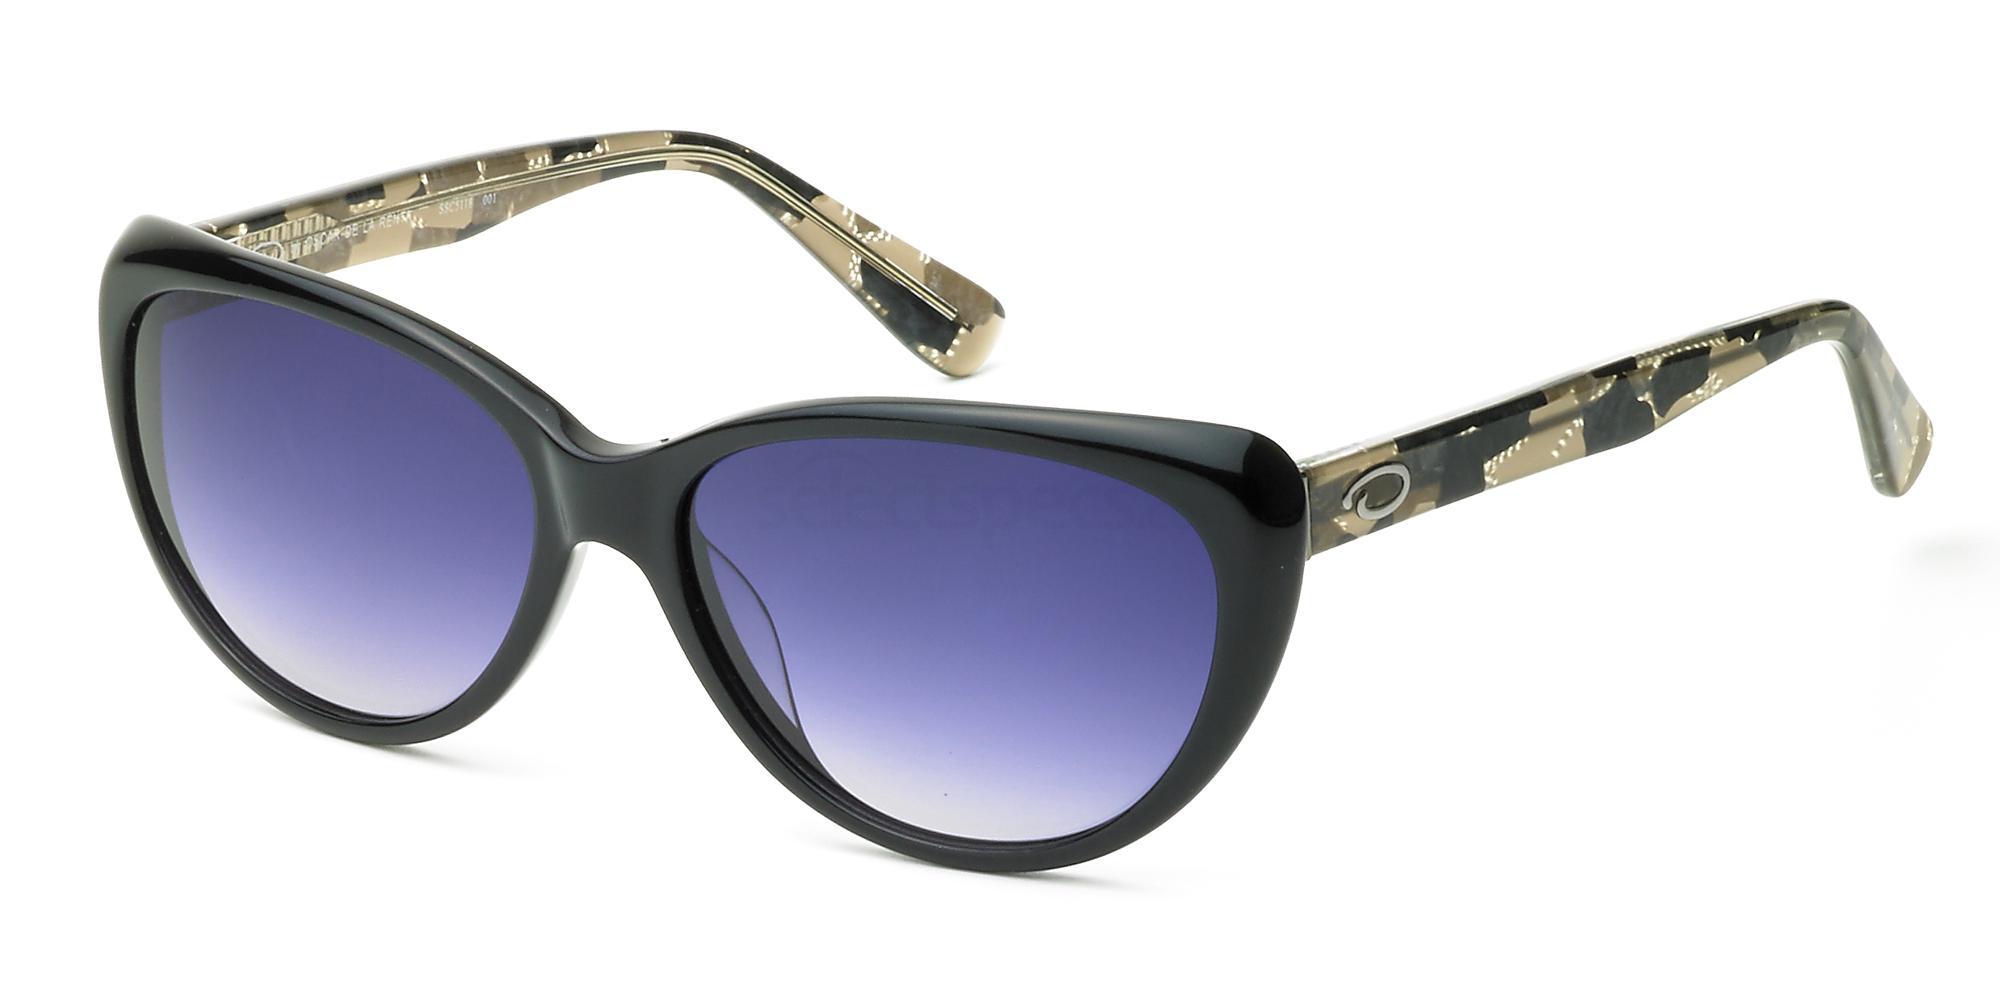 C1 SSC5118 Sunglasses, Oscar De La Renta